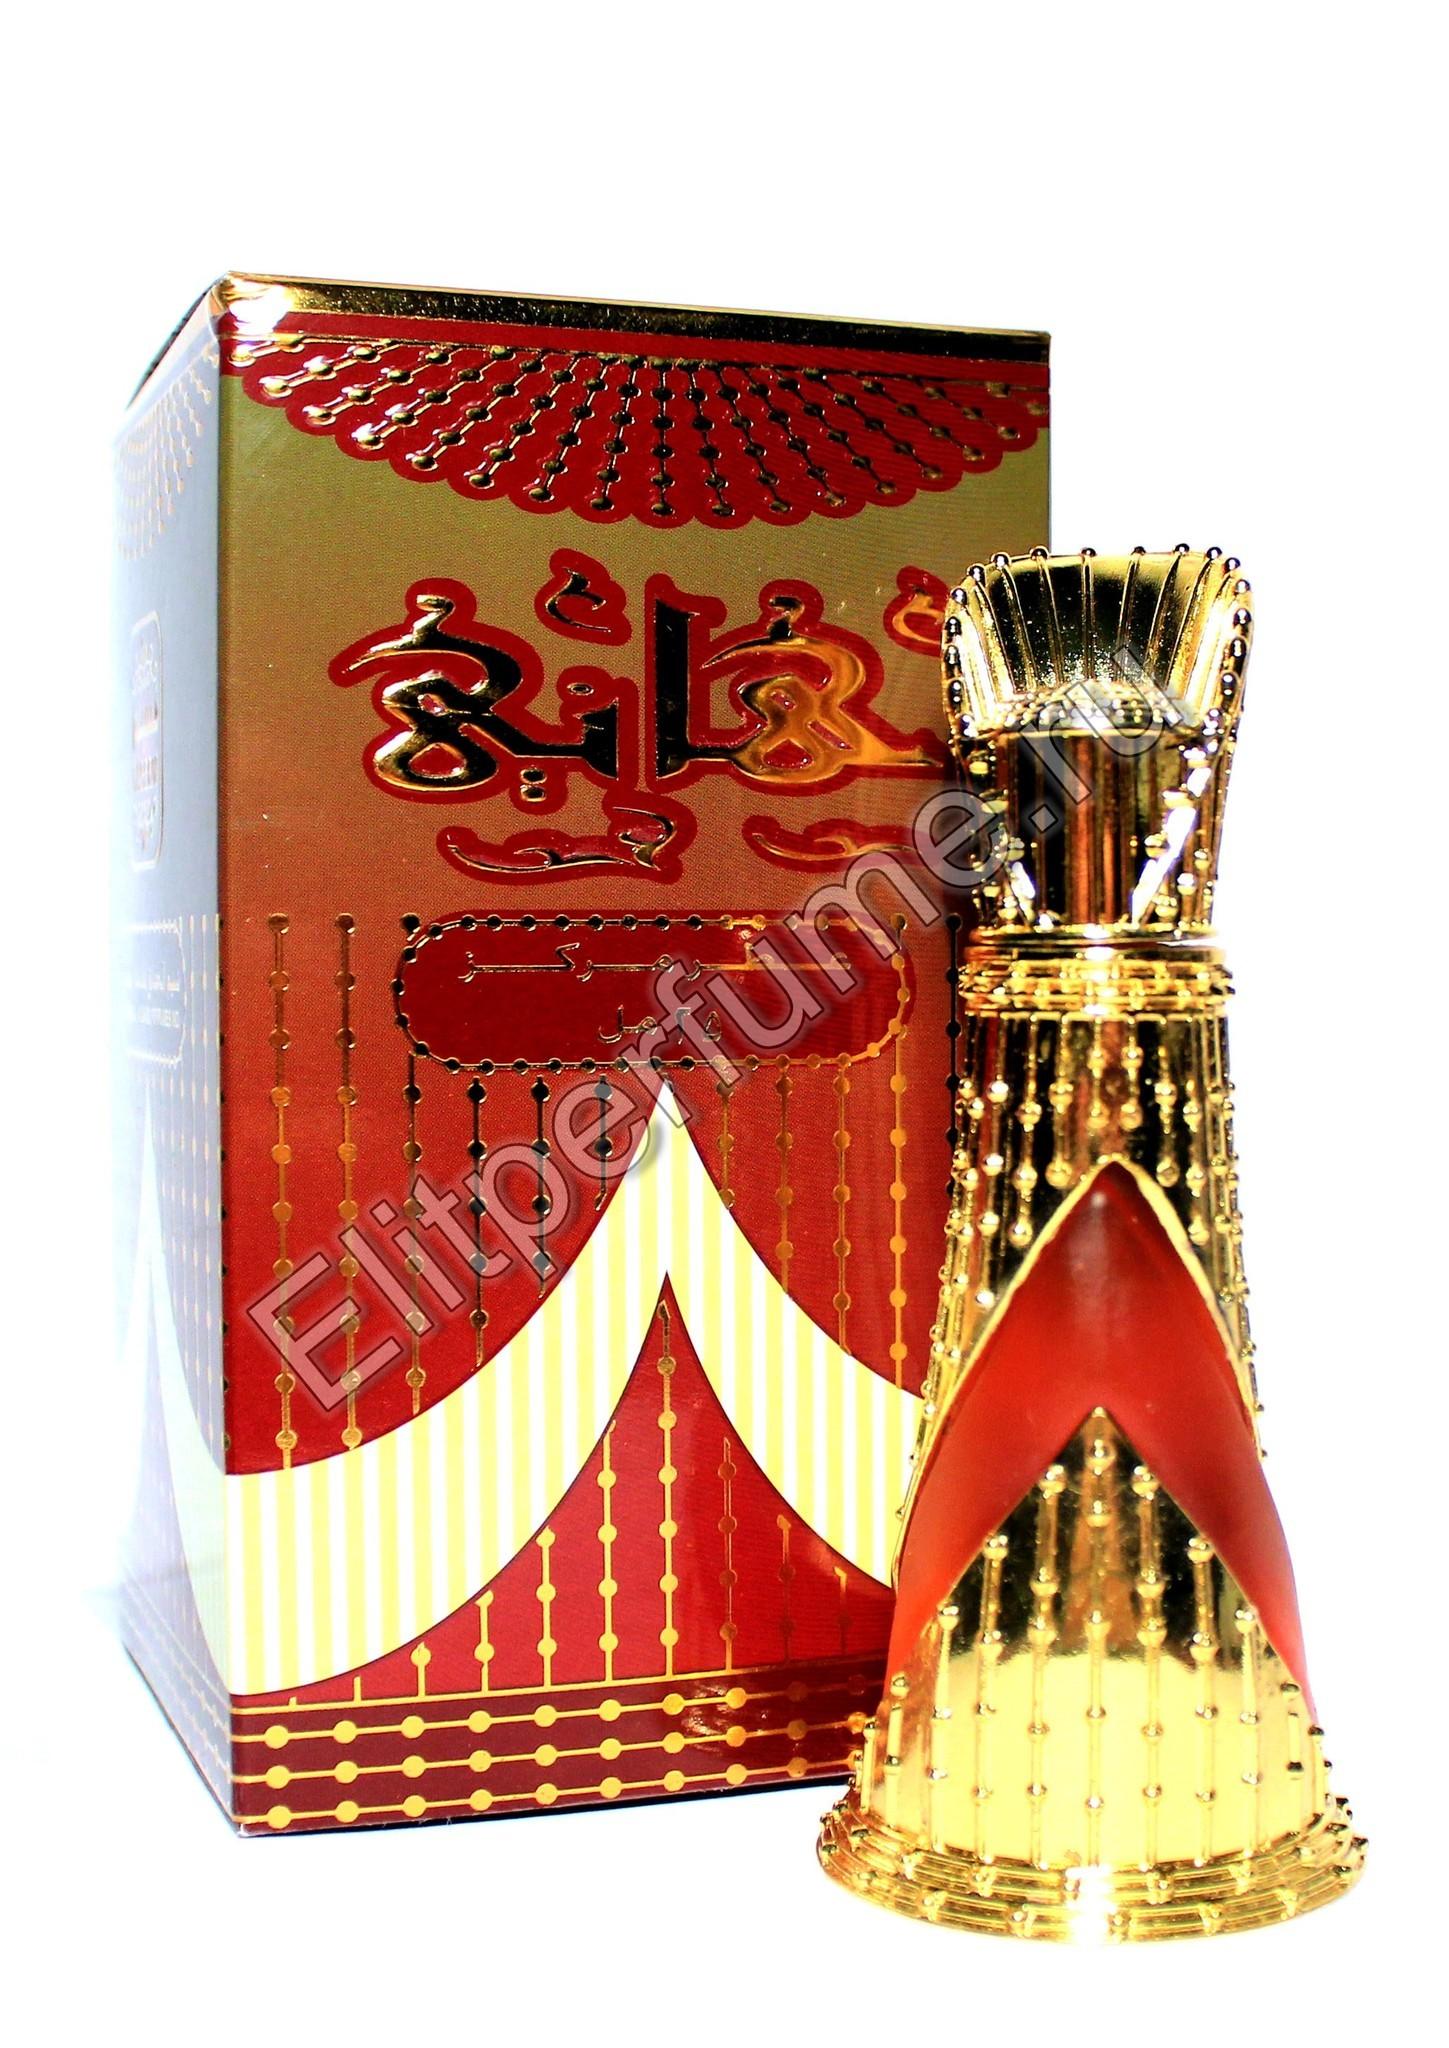 Пробник для Haani Хаани 1 мл арабские масляные духи от Насим Naseem Perfumes